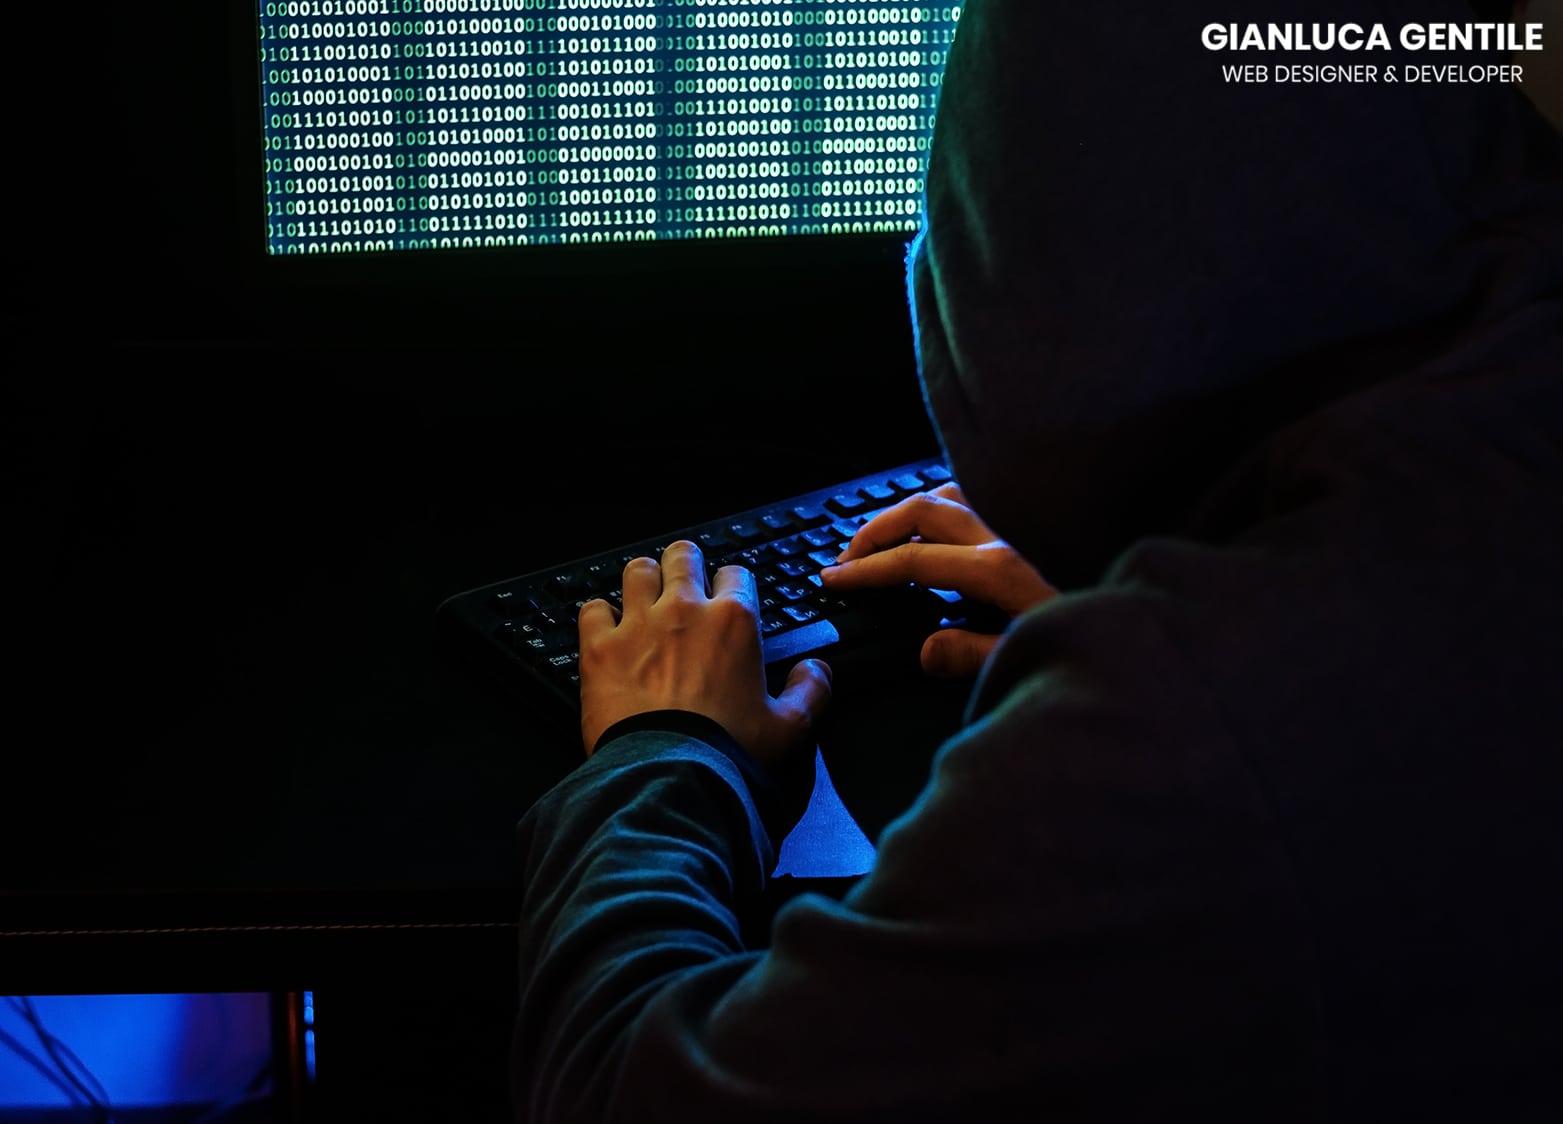 sicurezza sito web - Verificare la sicurezza di un sito web gianluca gentile - Sicurezza sito web: come verificare il proprio spazio web